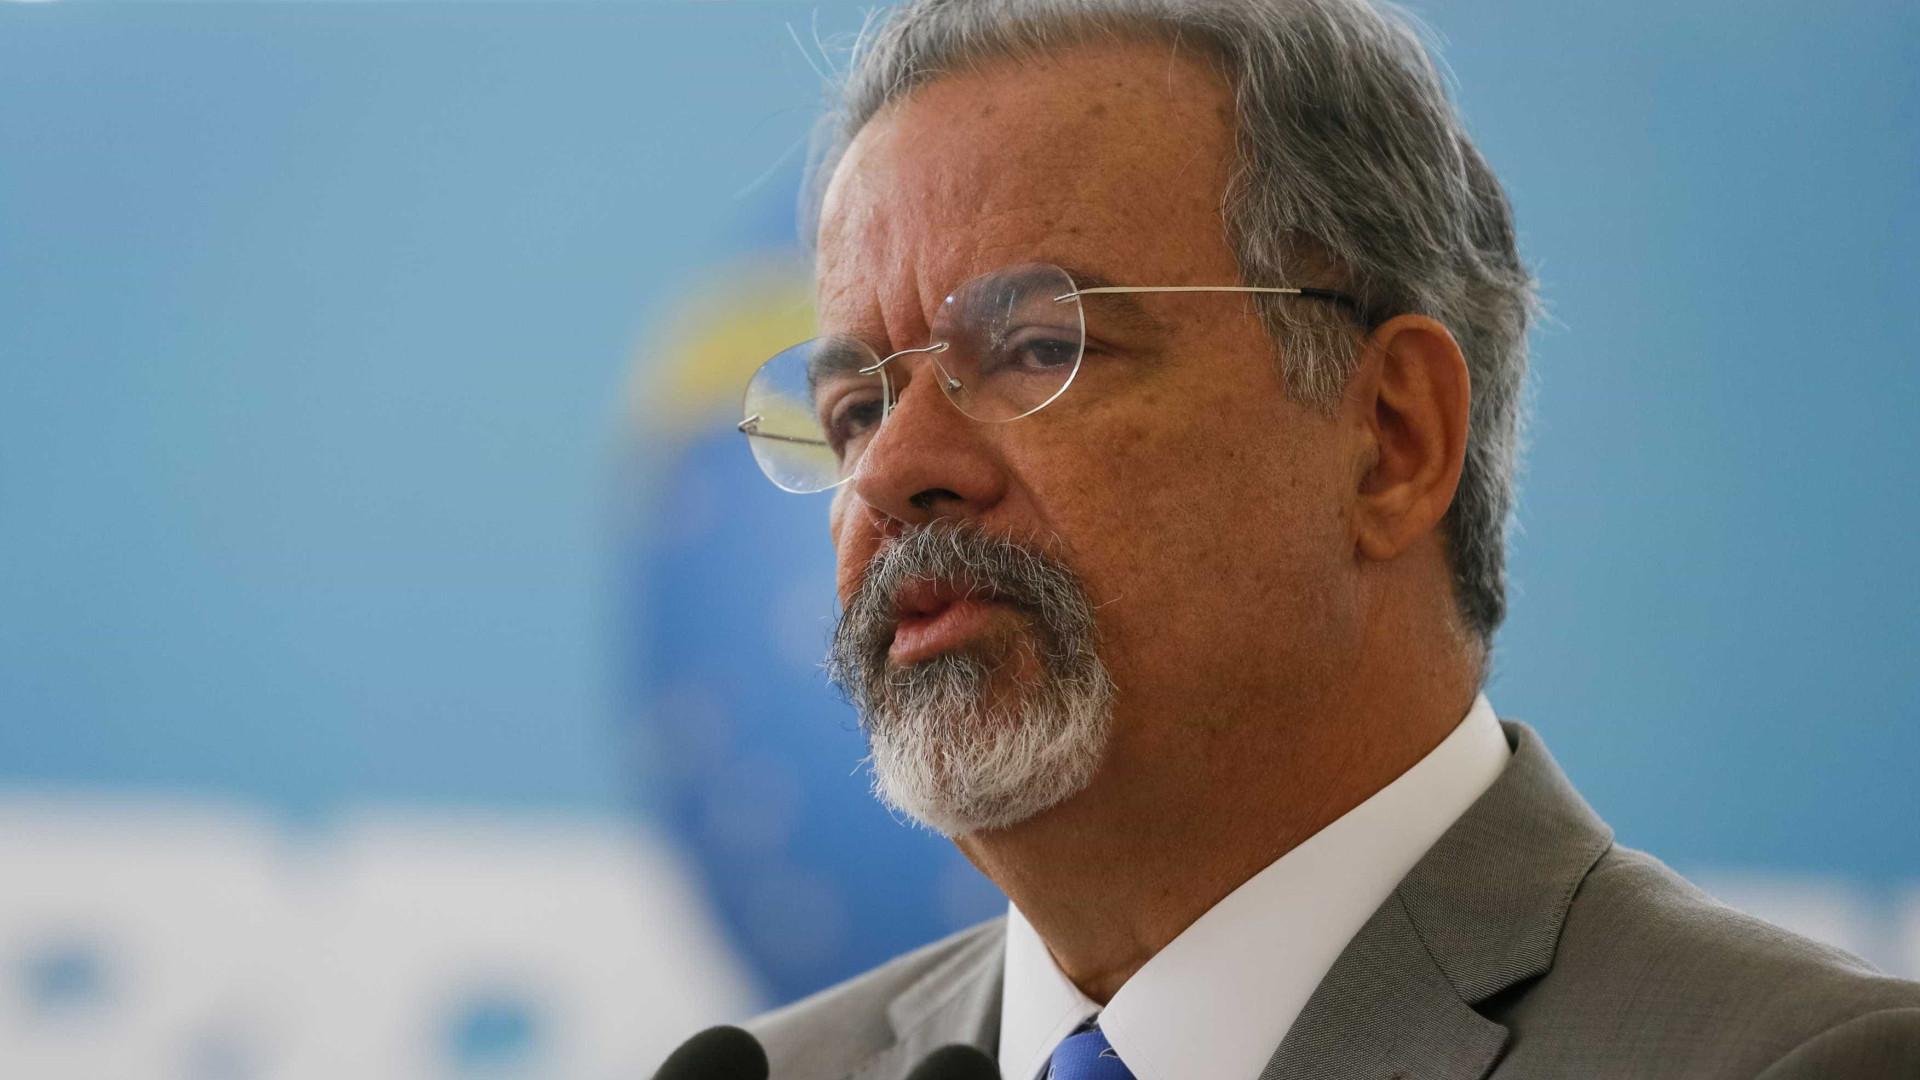 MP-RJ interpela ex-ministro sobre investigação da morte de Marielle